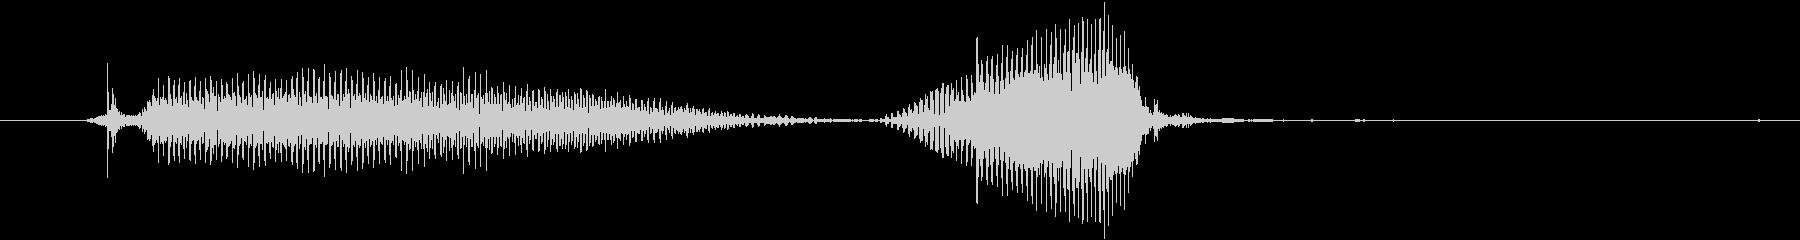 だーめ(2歳児の生声です)の未再生の波形